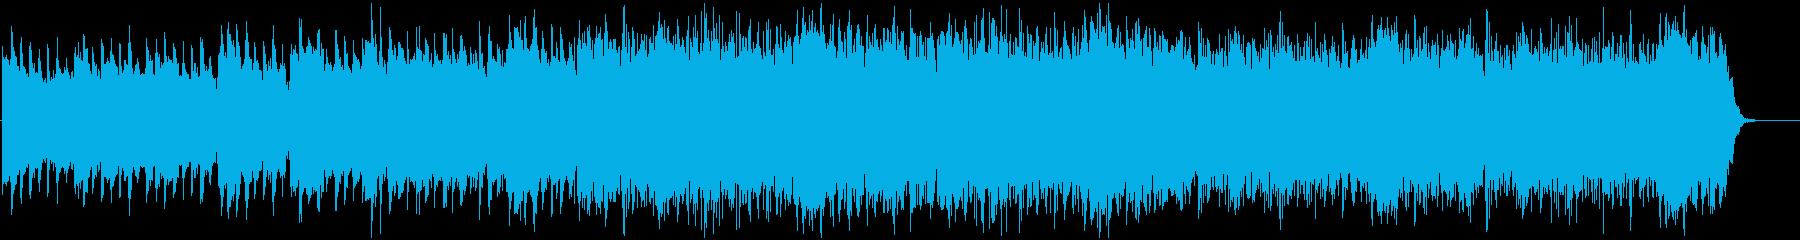 ハロウィンやホラー、少し不気味なBGMの再生済みの波形